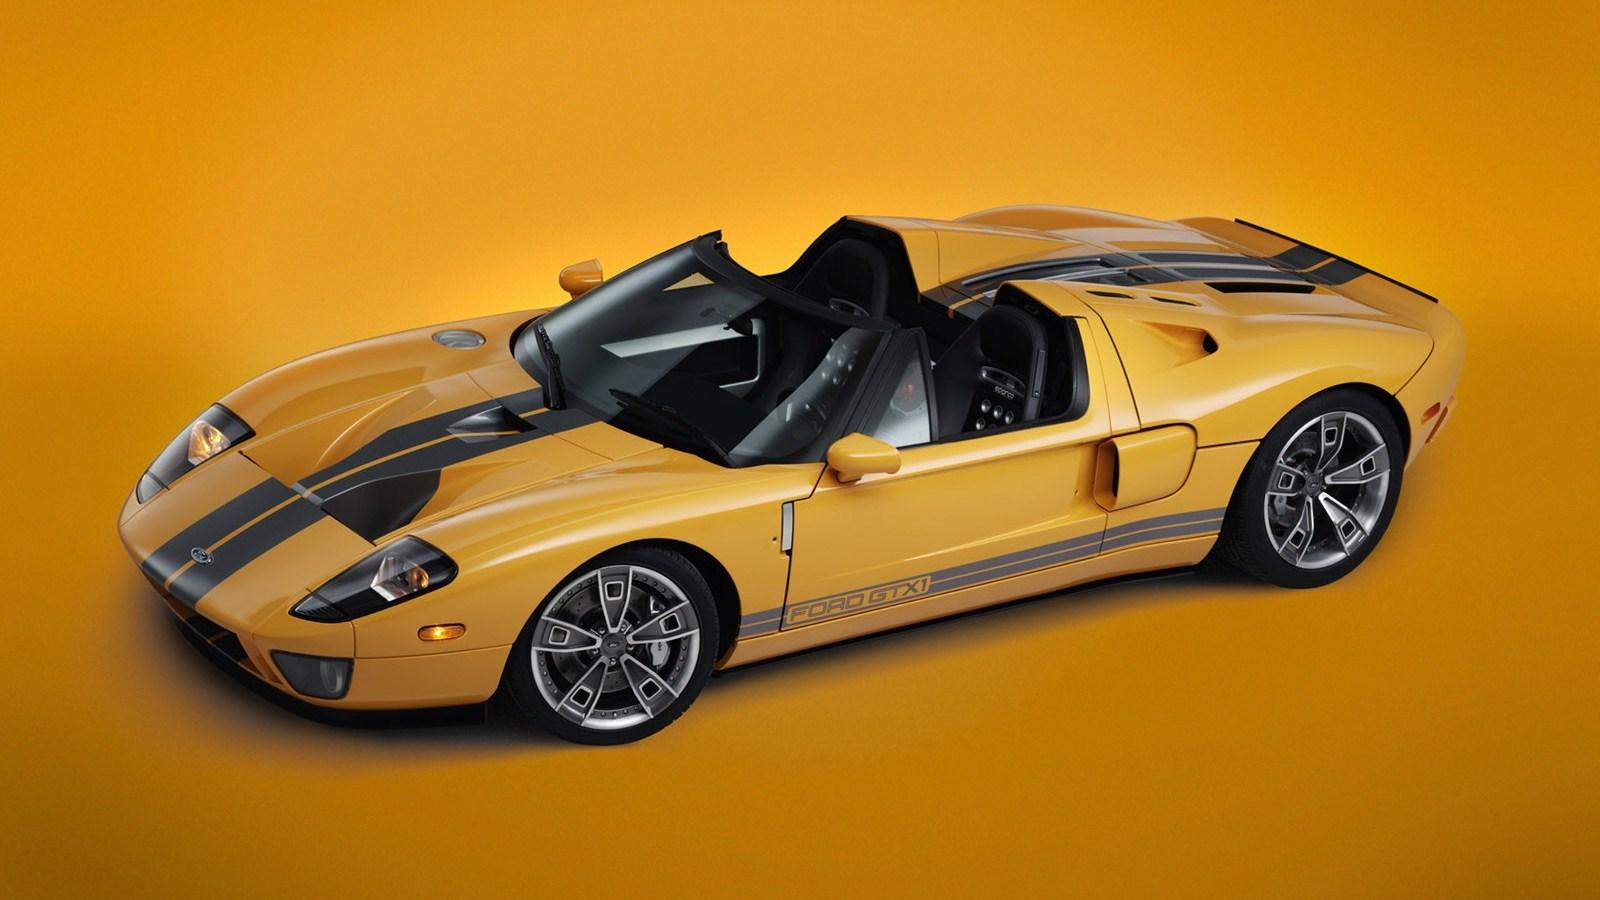 http://1.bp.blogspot.com/-z0vG-doCnF0/T8Rq3RKGi8I/AAAAAAAADFI/i4Cjw3PWIKI/s1600/Ford-GTX1_Roadster_2005_1600x1200_wallpaper_03%2B(Copy).jpg